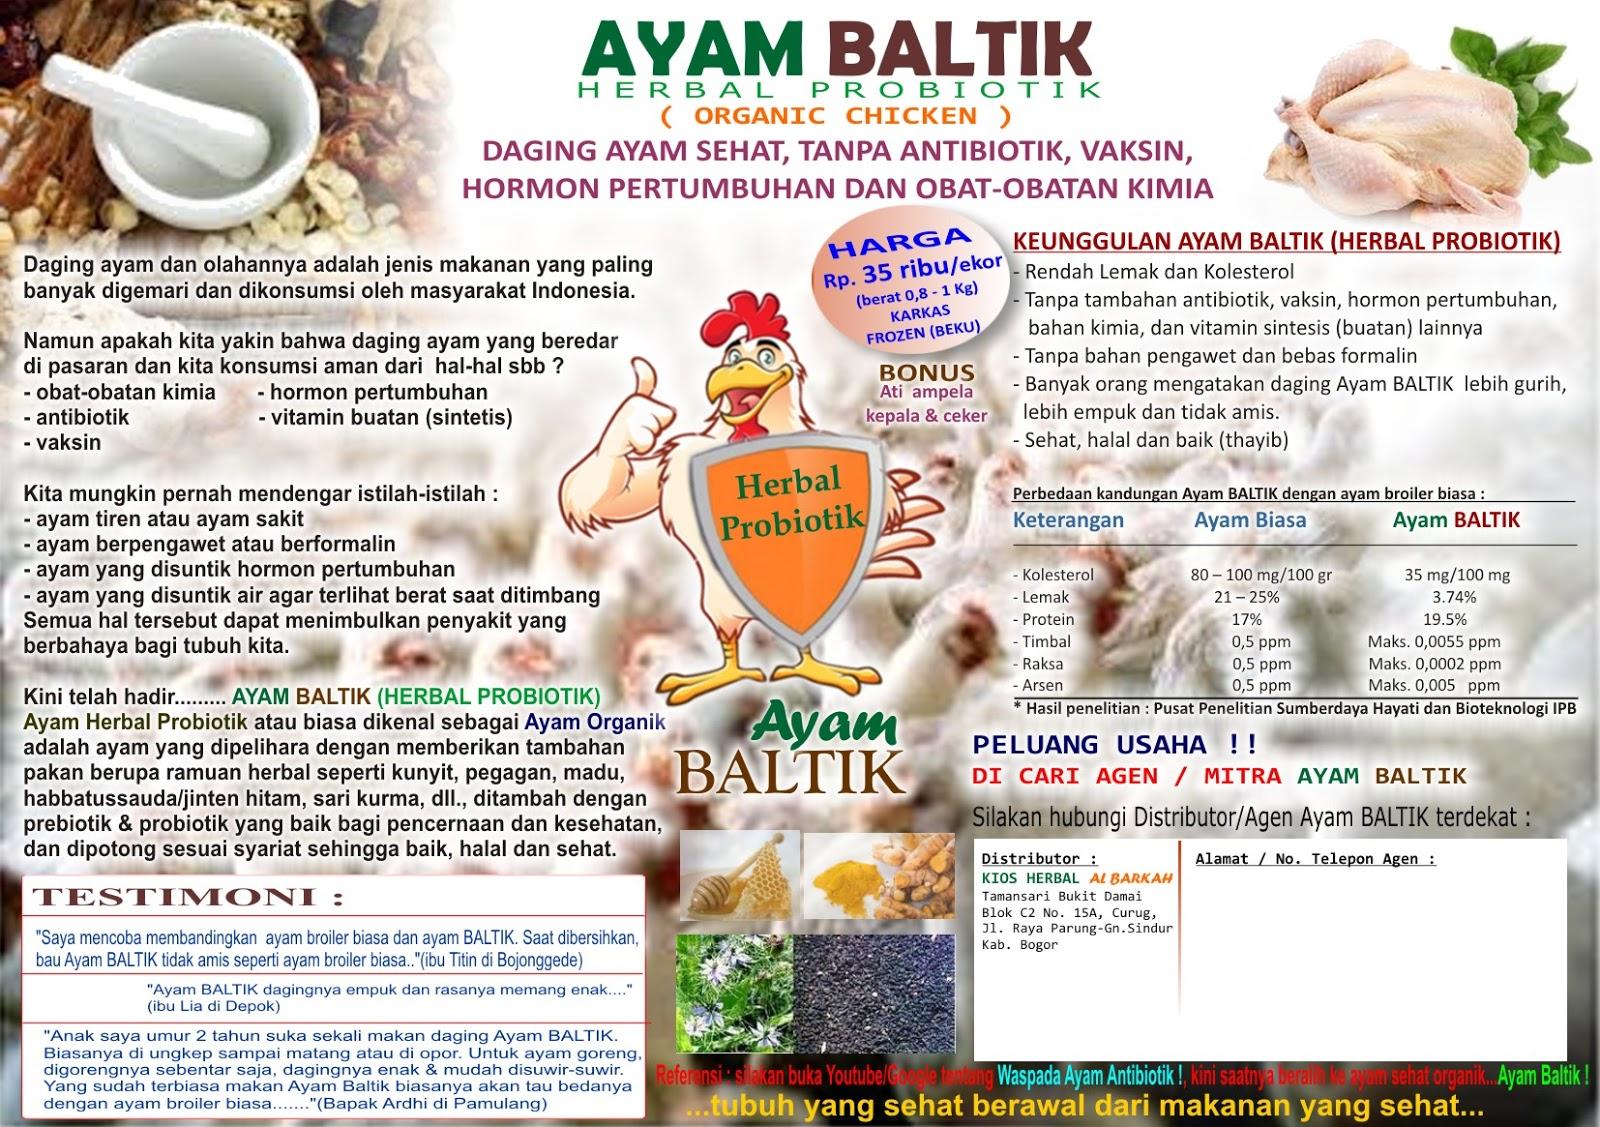 Ayam HerBAL ProbioTIK Organik: Tentang kami